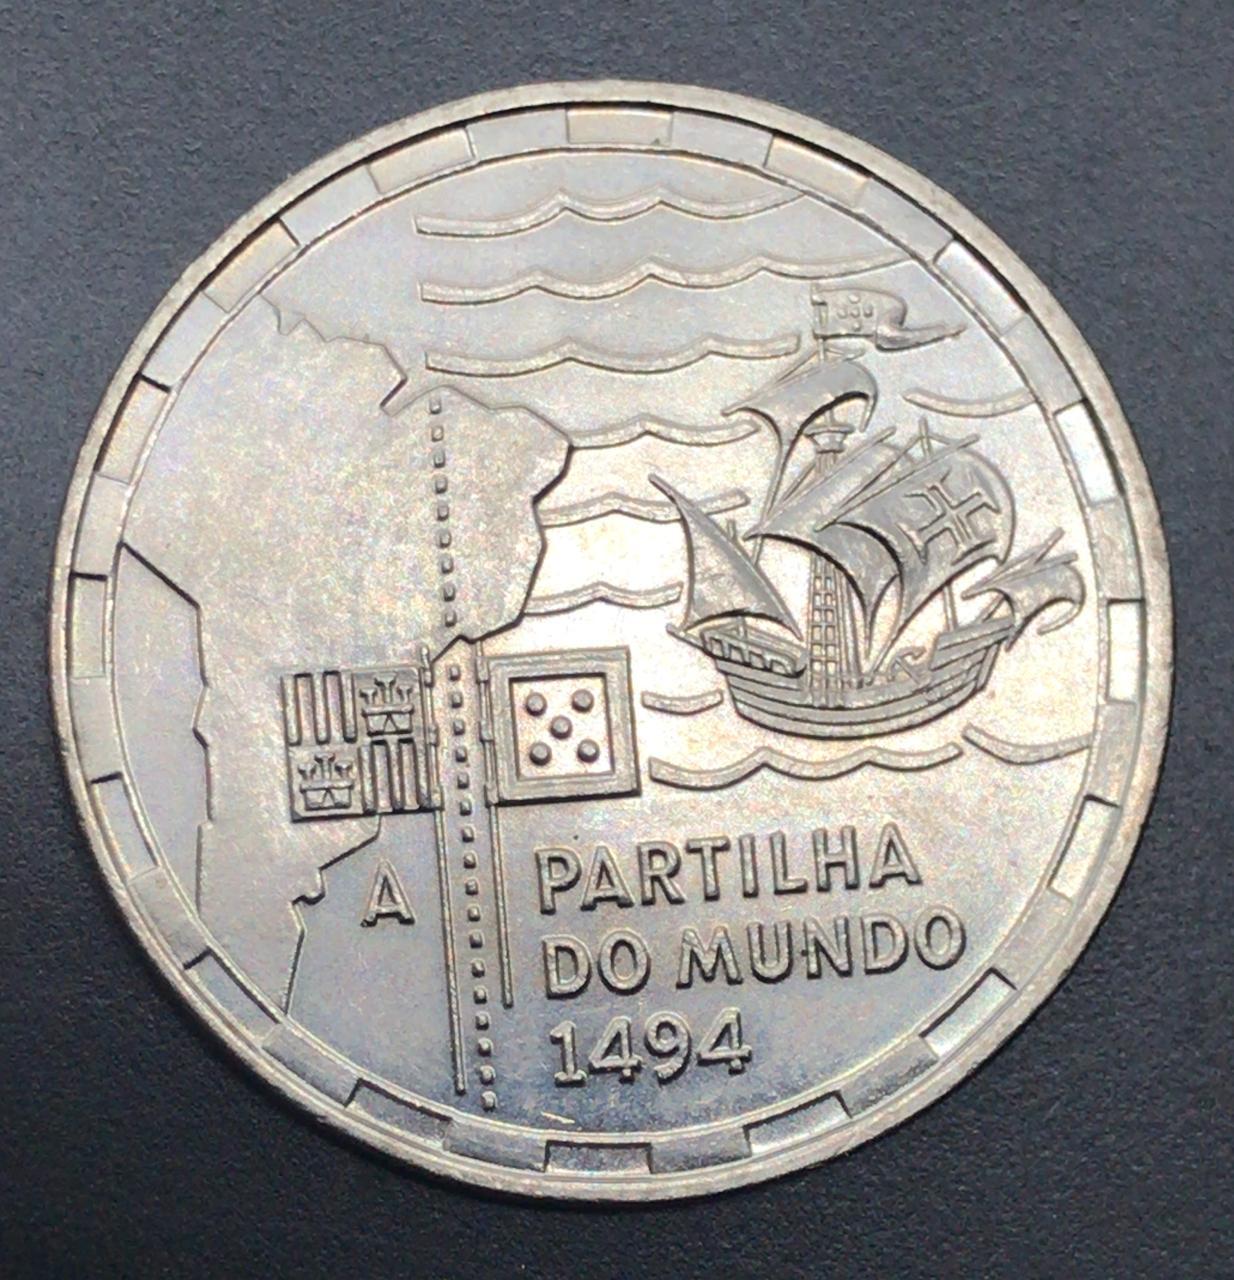 Moeda de Portugal 200 Escudos - Partilha do Mundo 1494